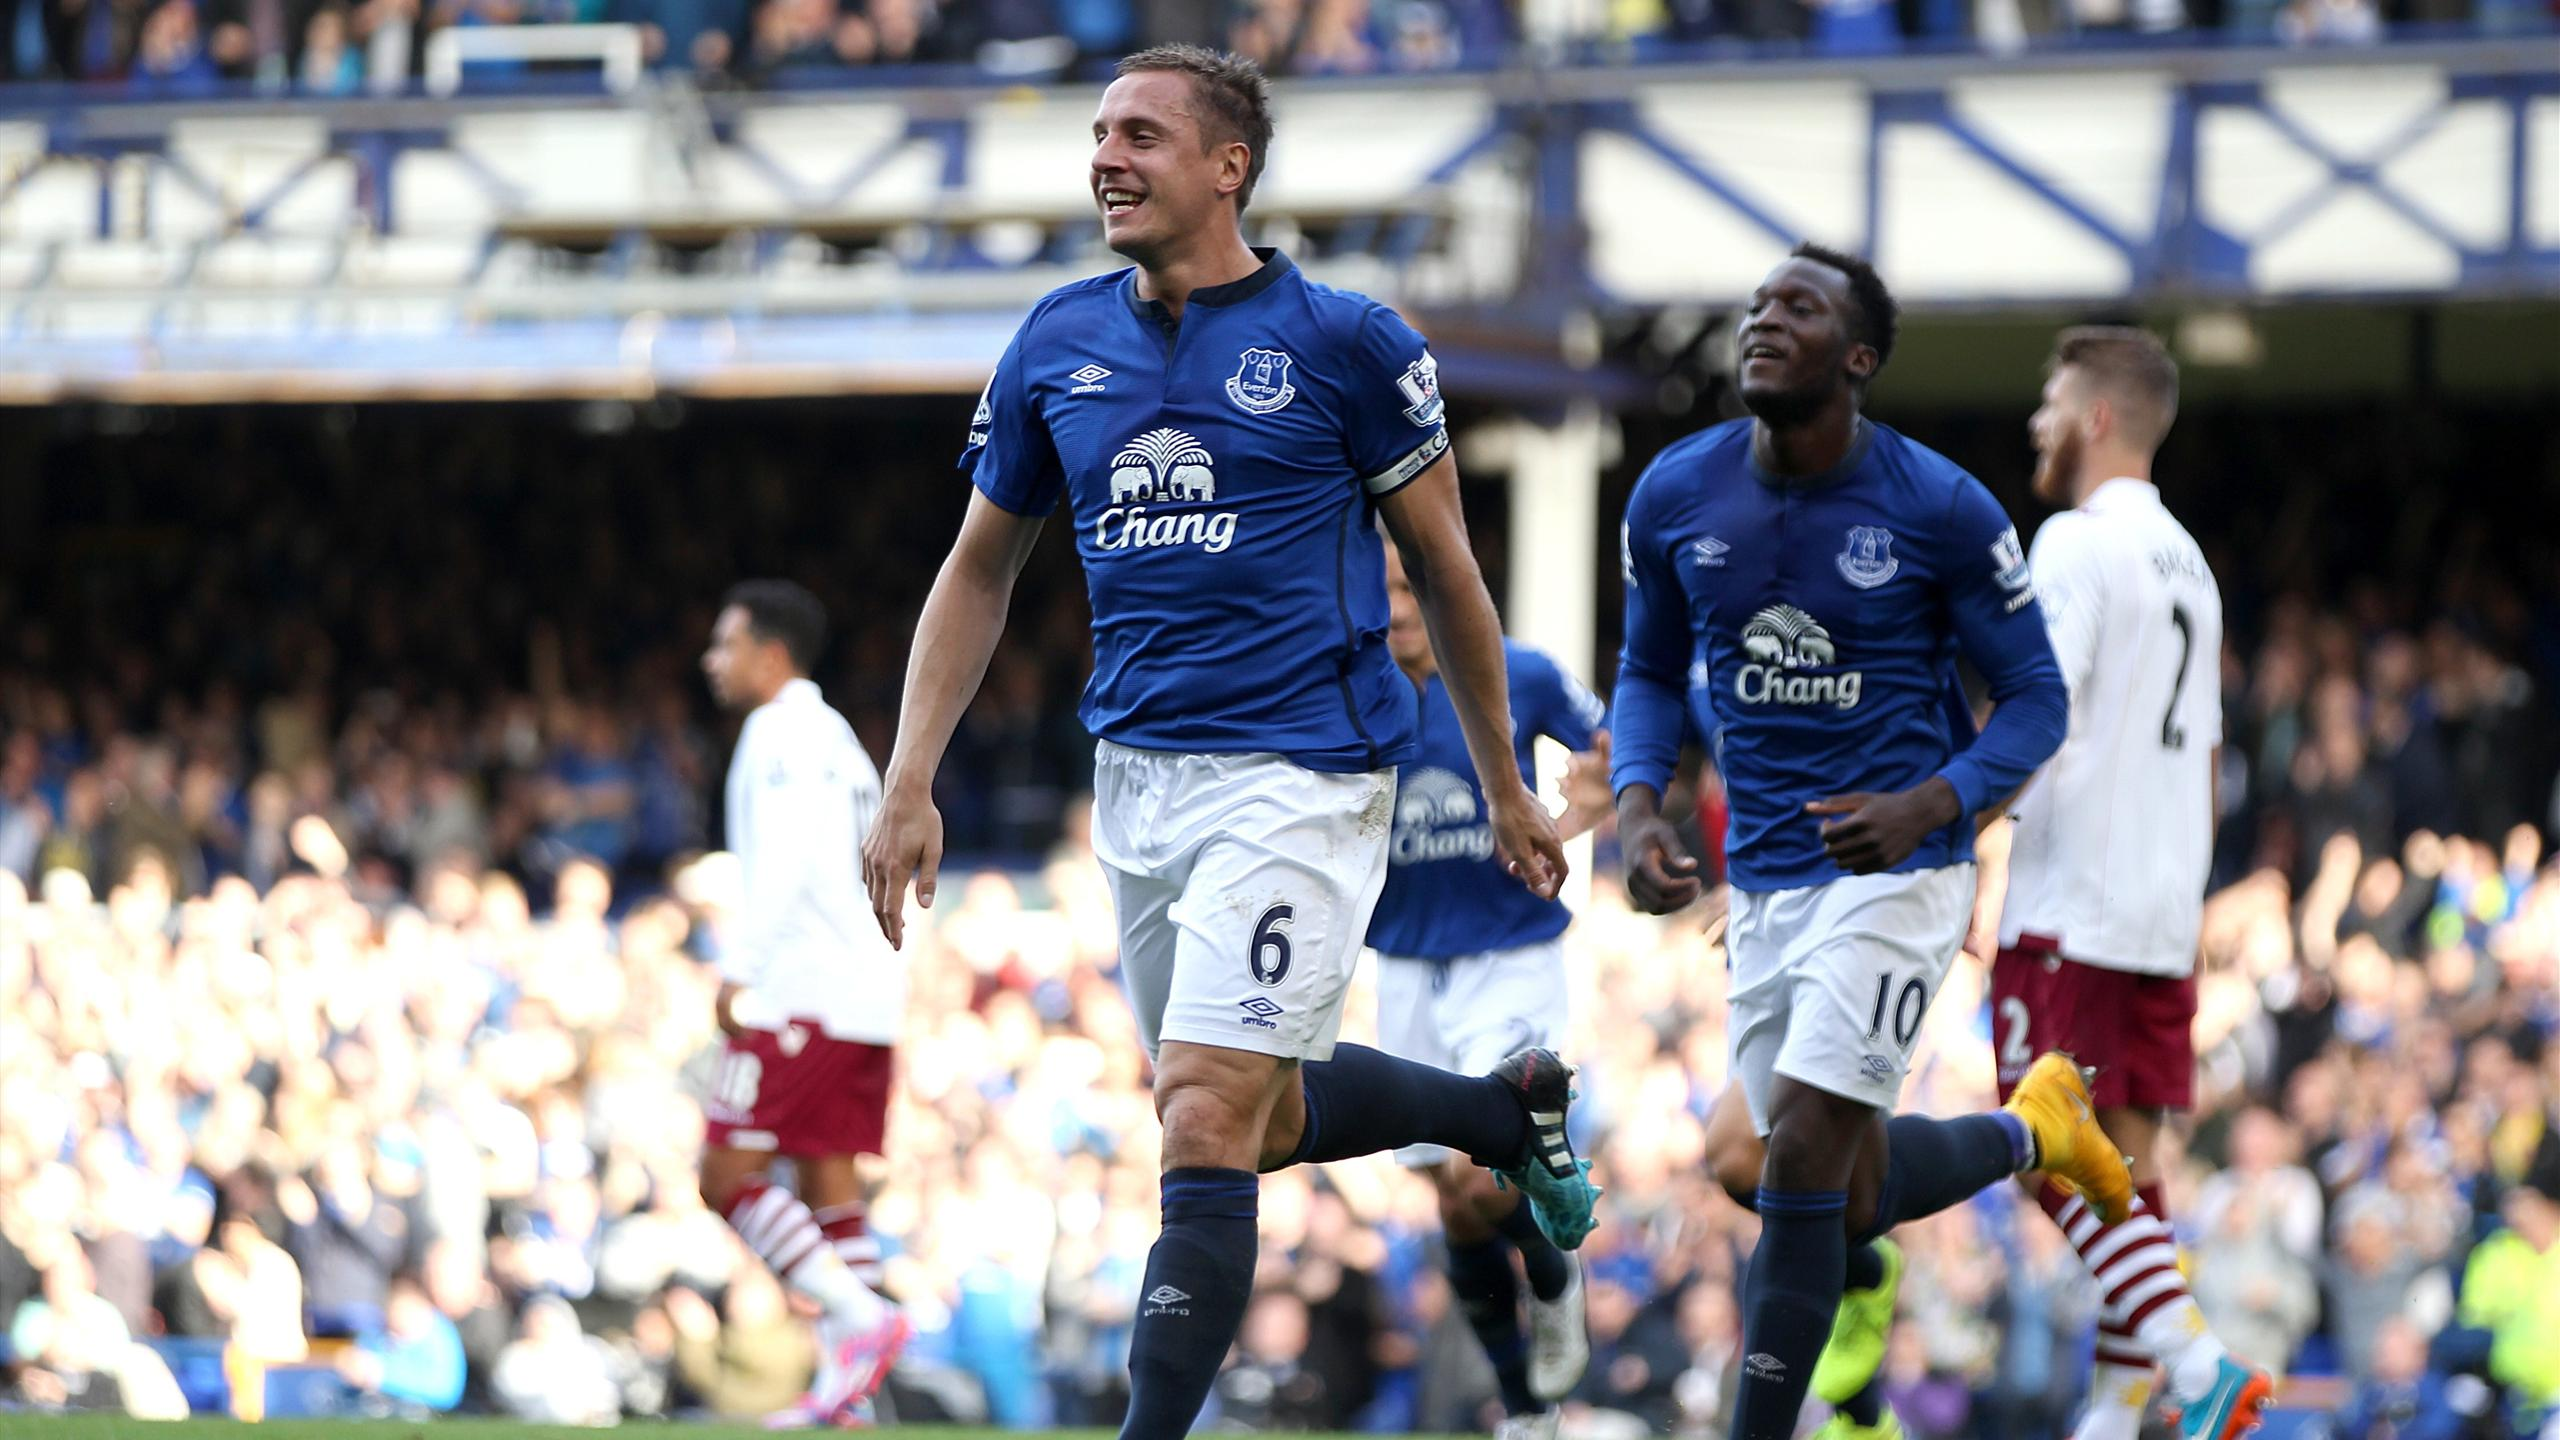 Video: Everton vs Aston Villa